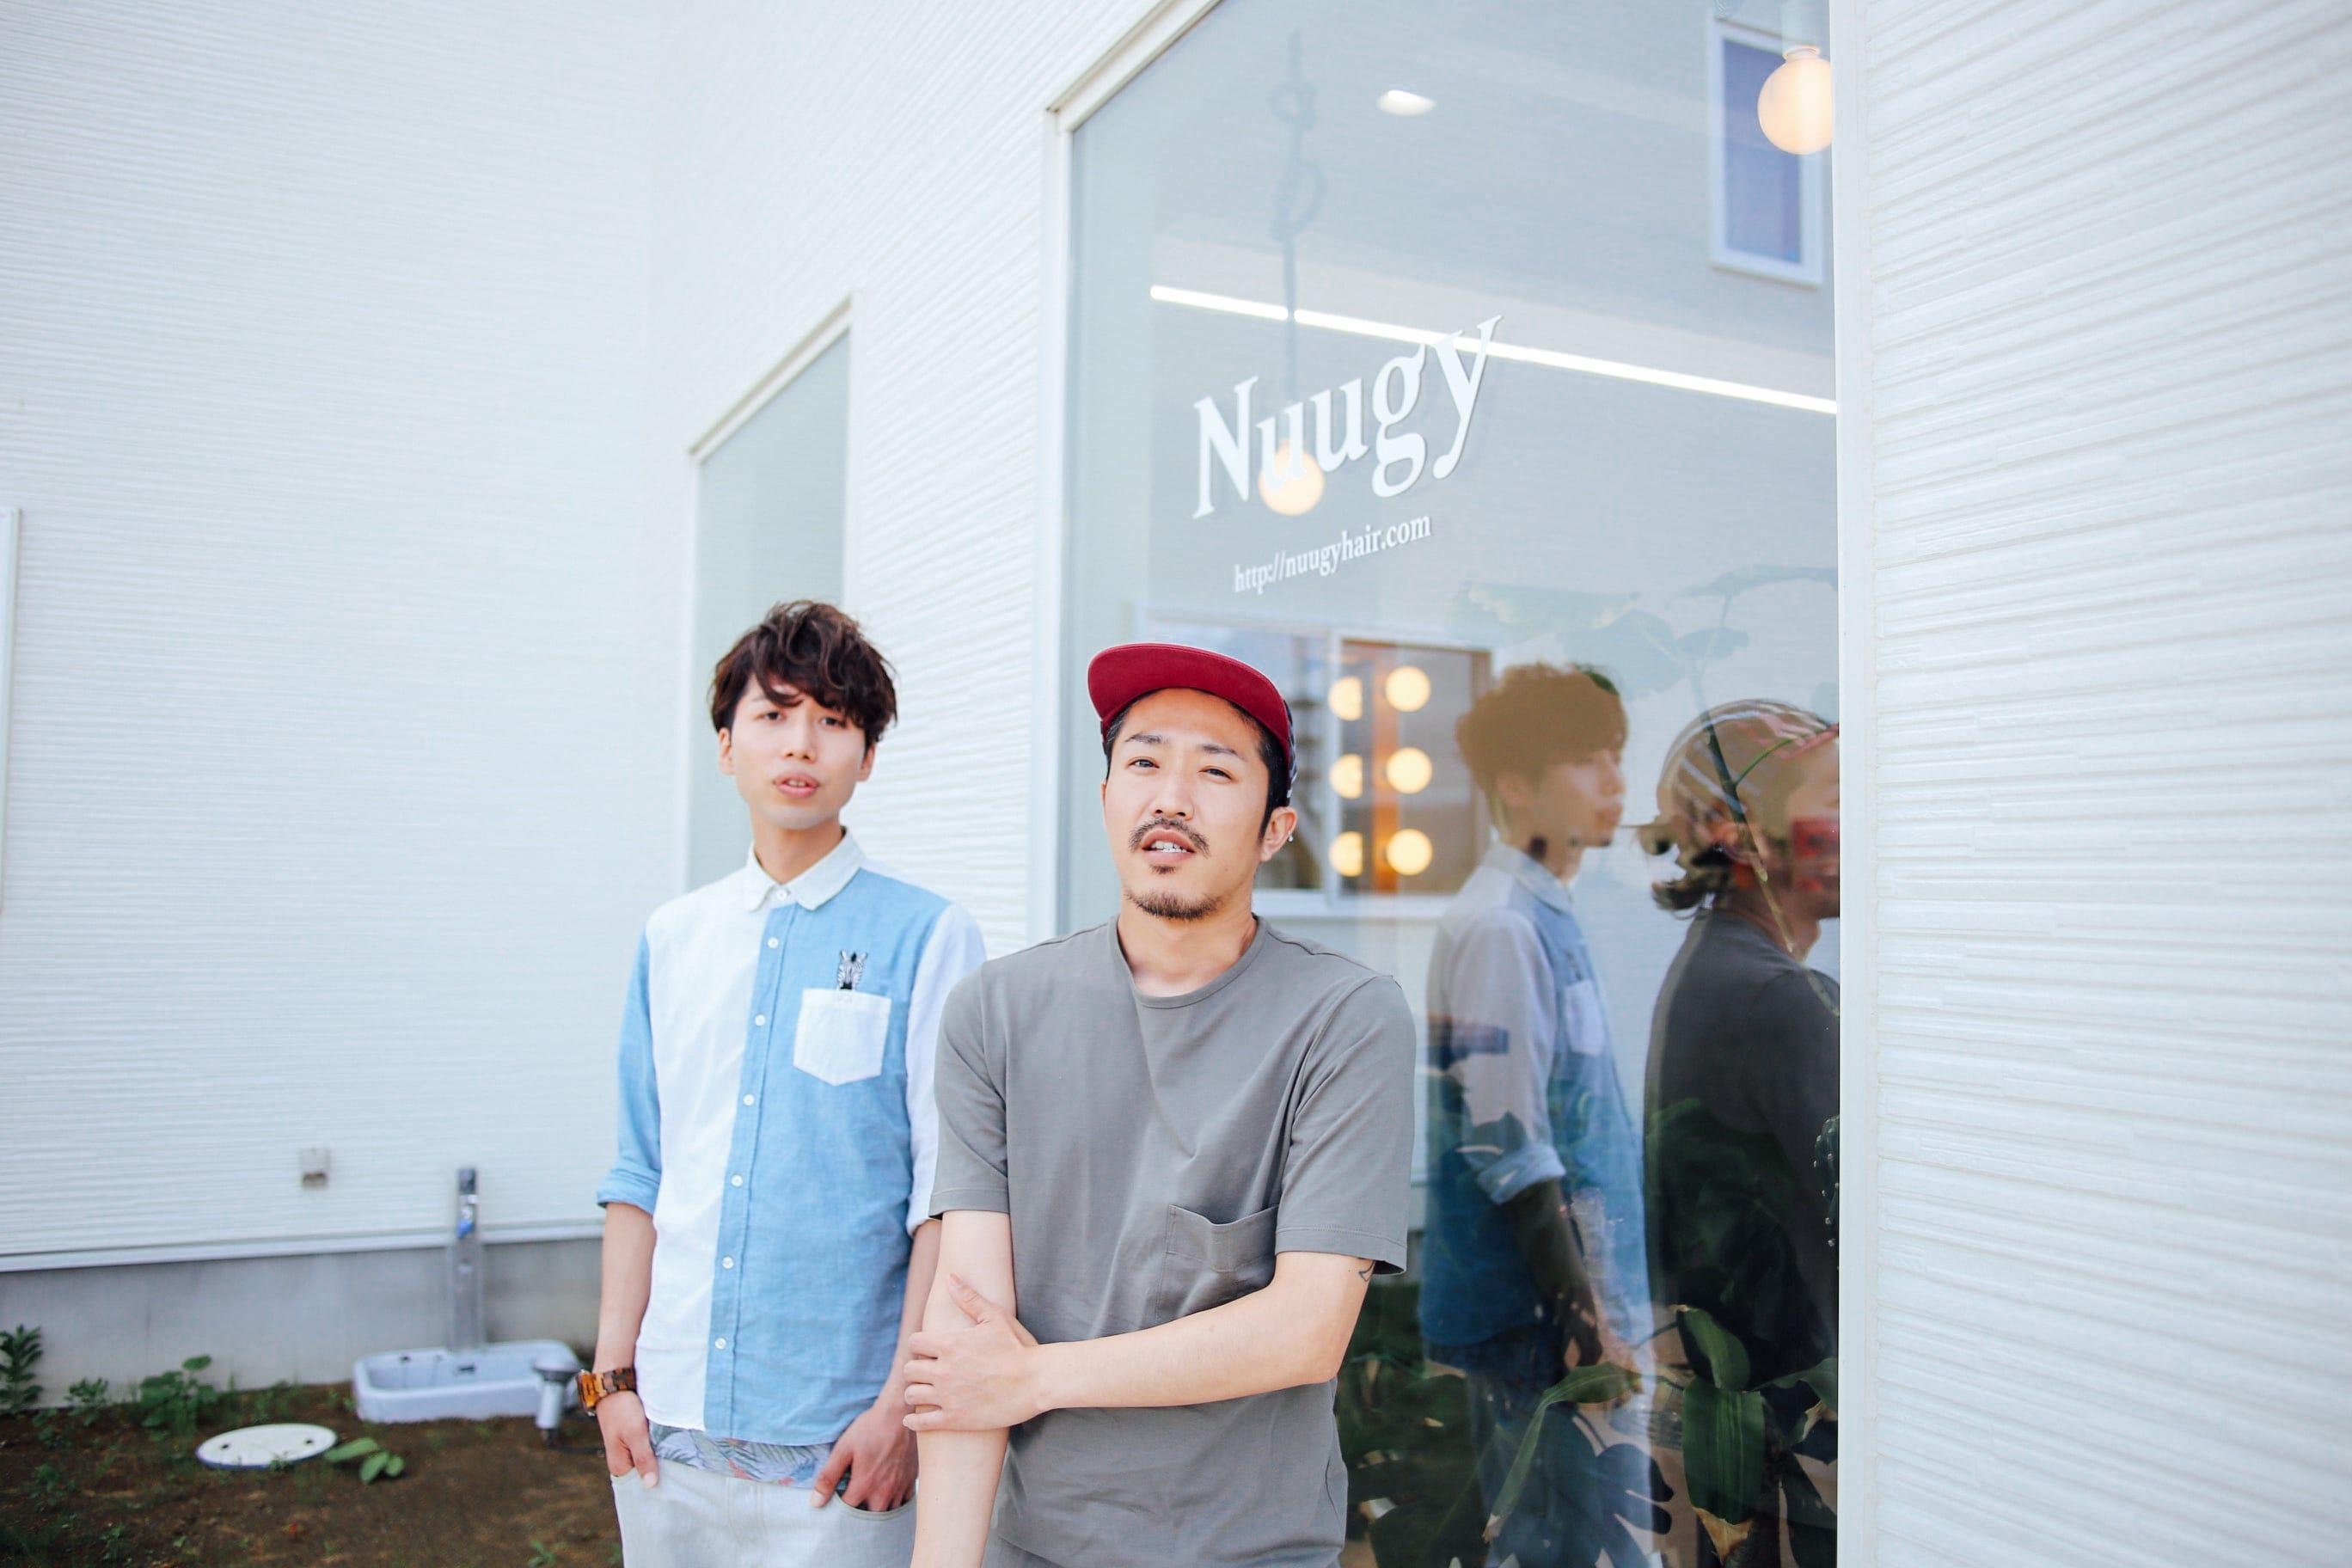 右:『Nuugy』オーナーの柏葉祥さん、左:石巻ウェディングメンバーのシマワキユウさん